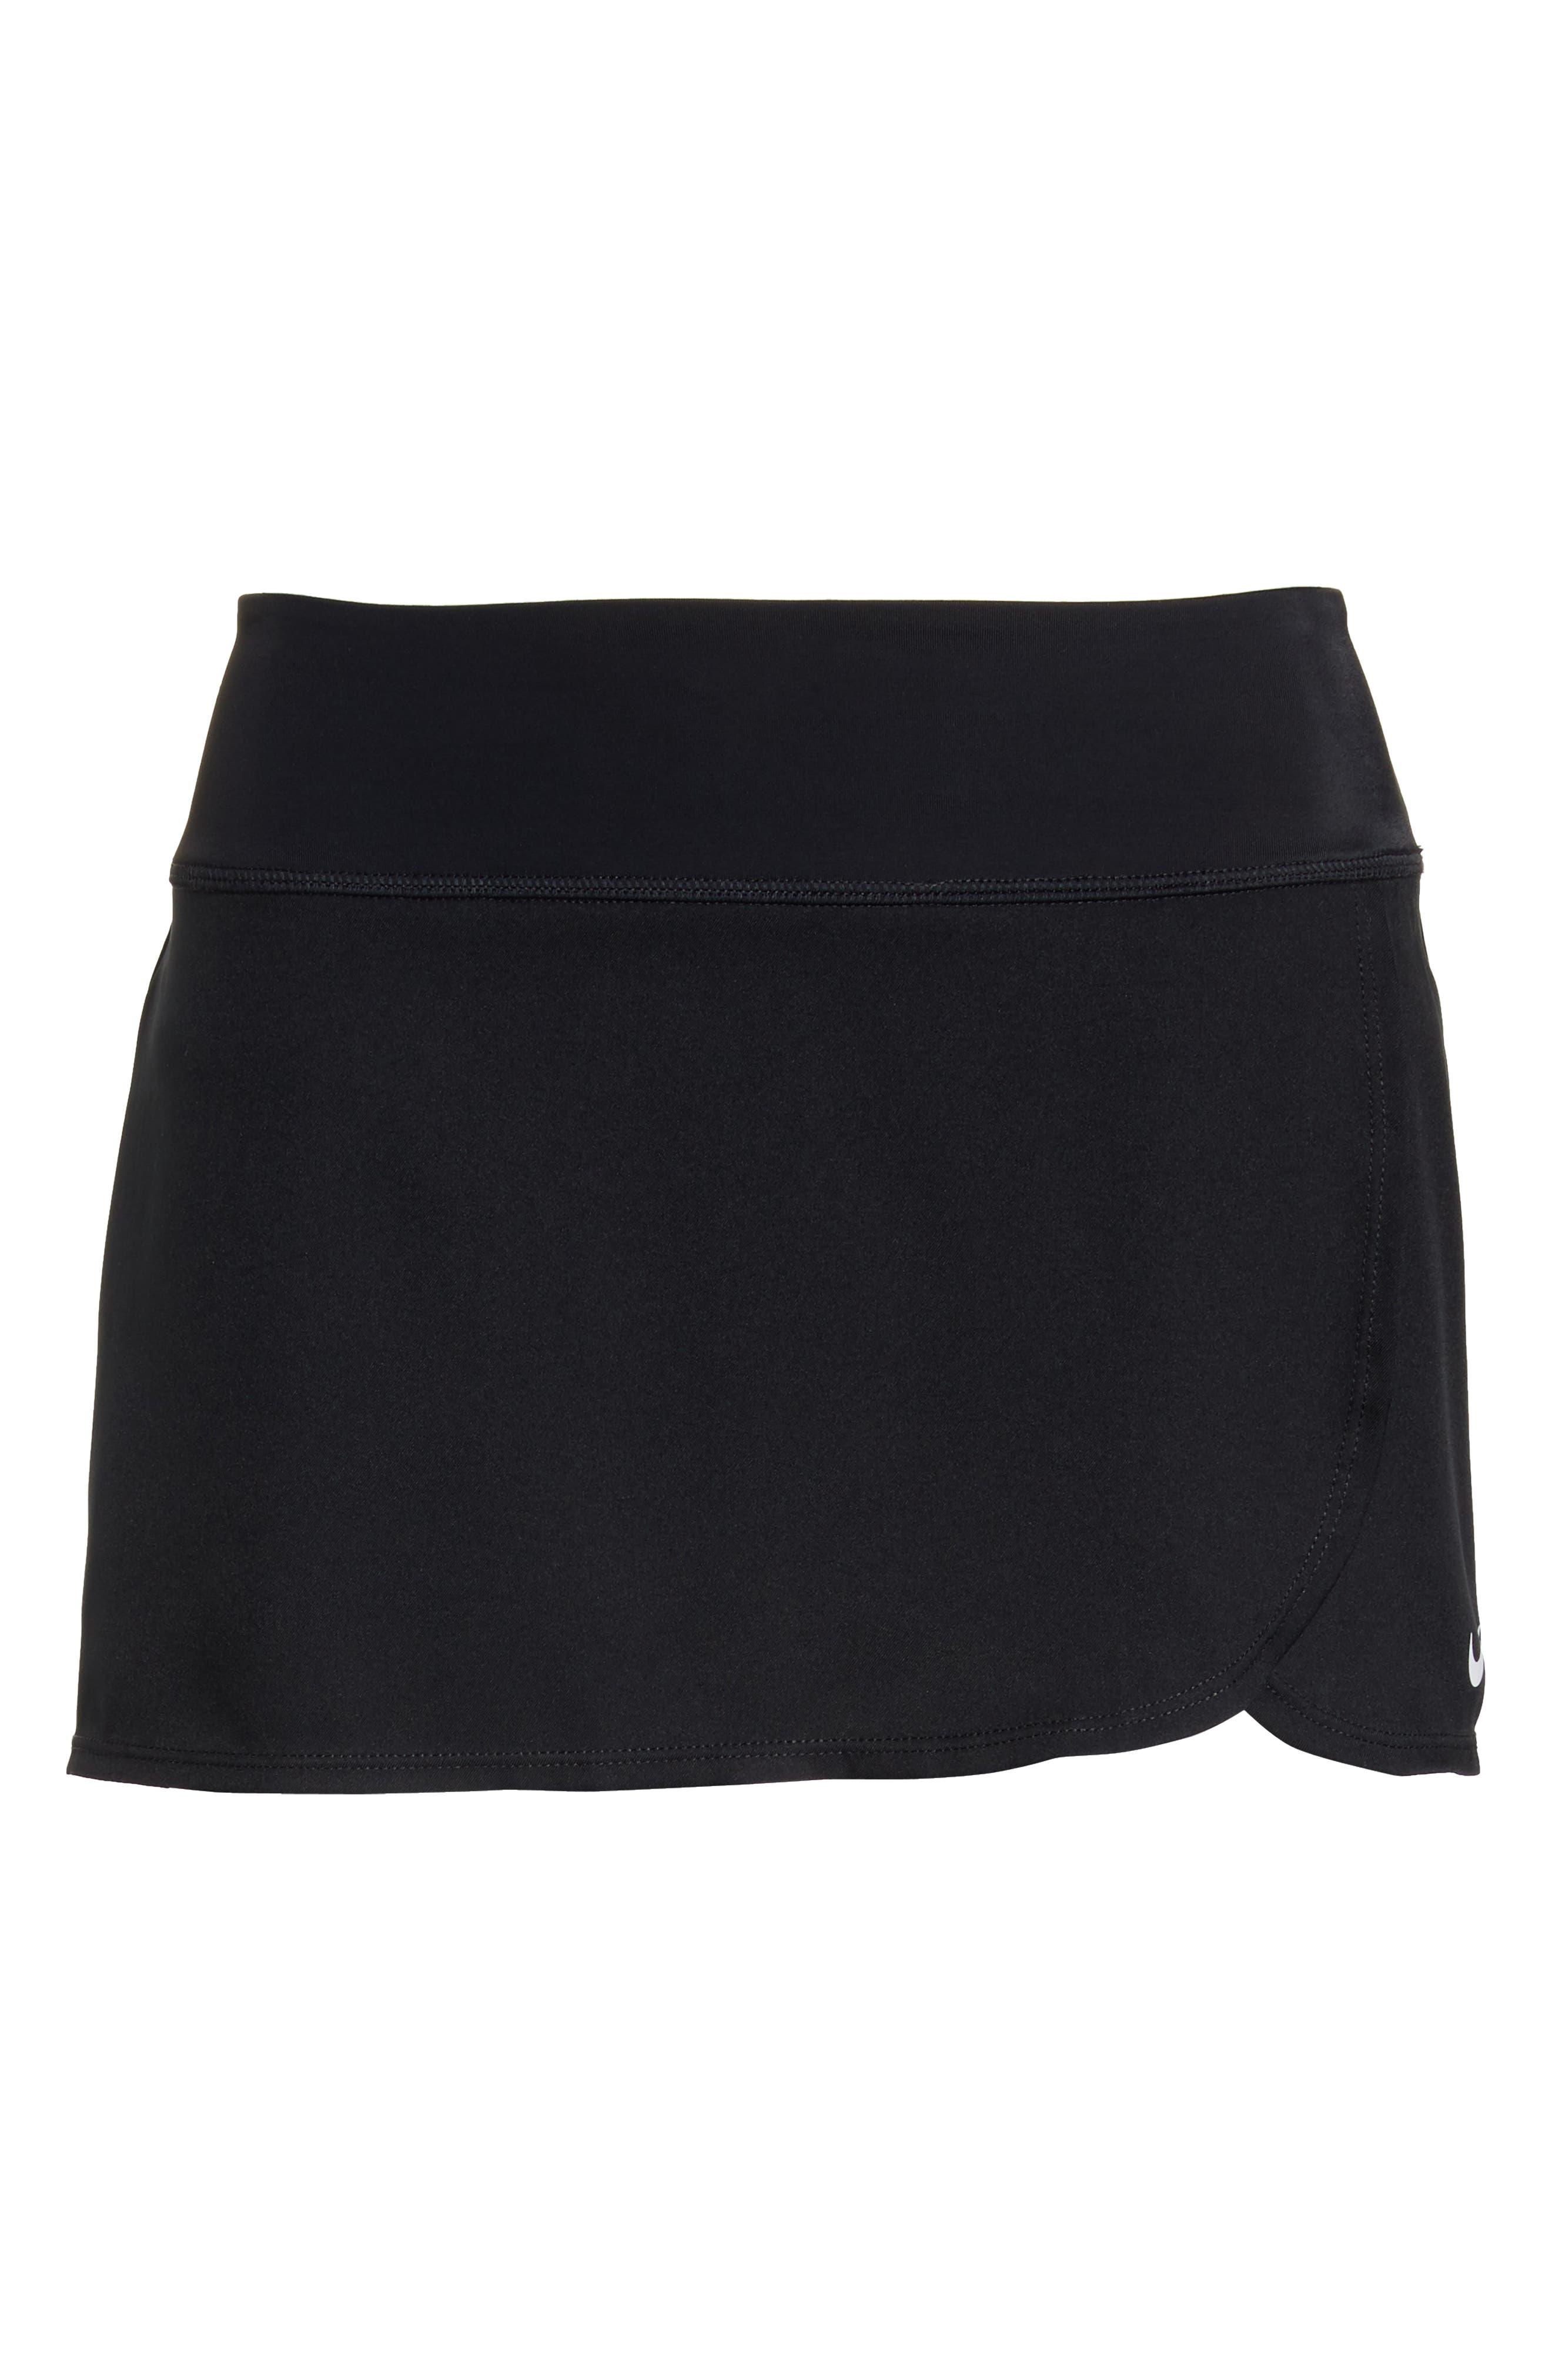 Swim Board Skirt,                             Alternate thumbnail 6, color,                             BLACK